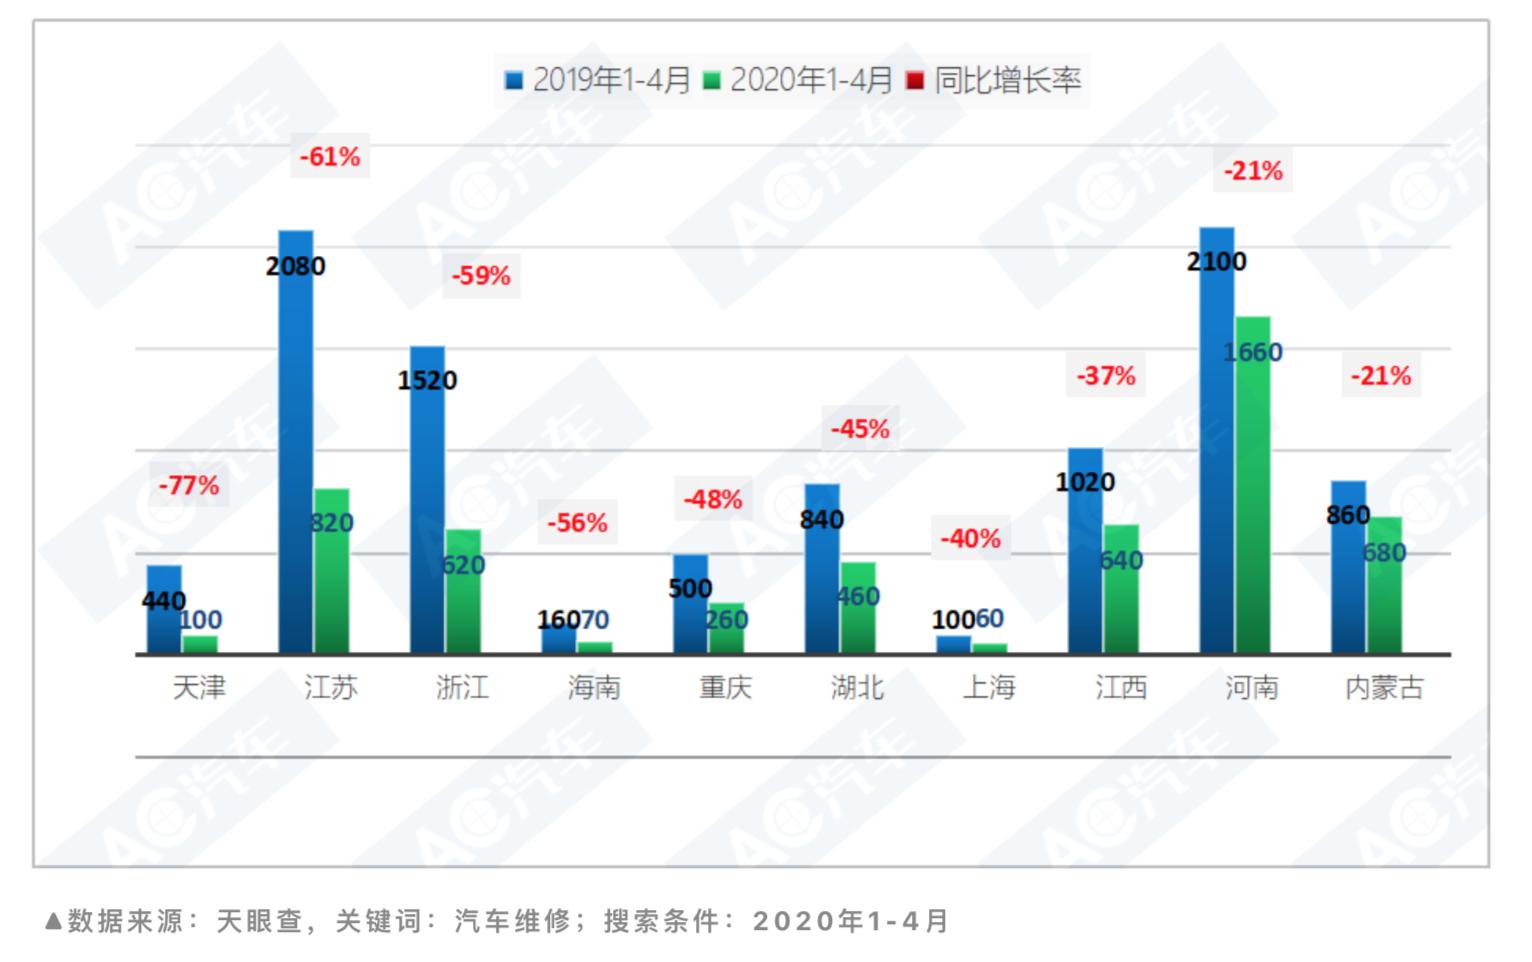 2020年1-4月新添门店数目排名前十省份(二)